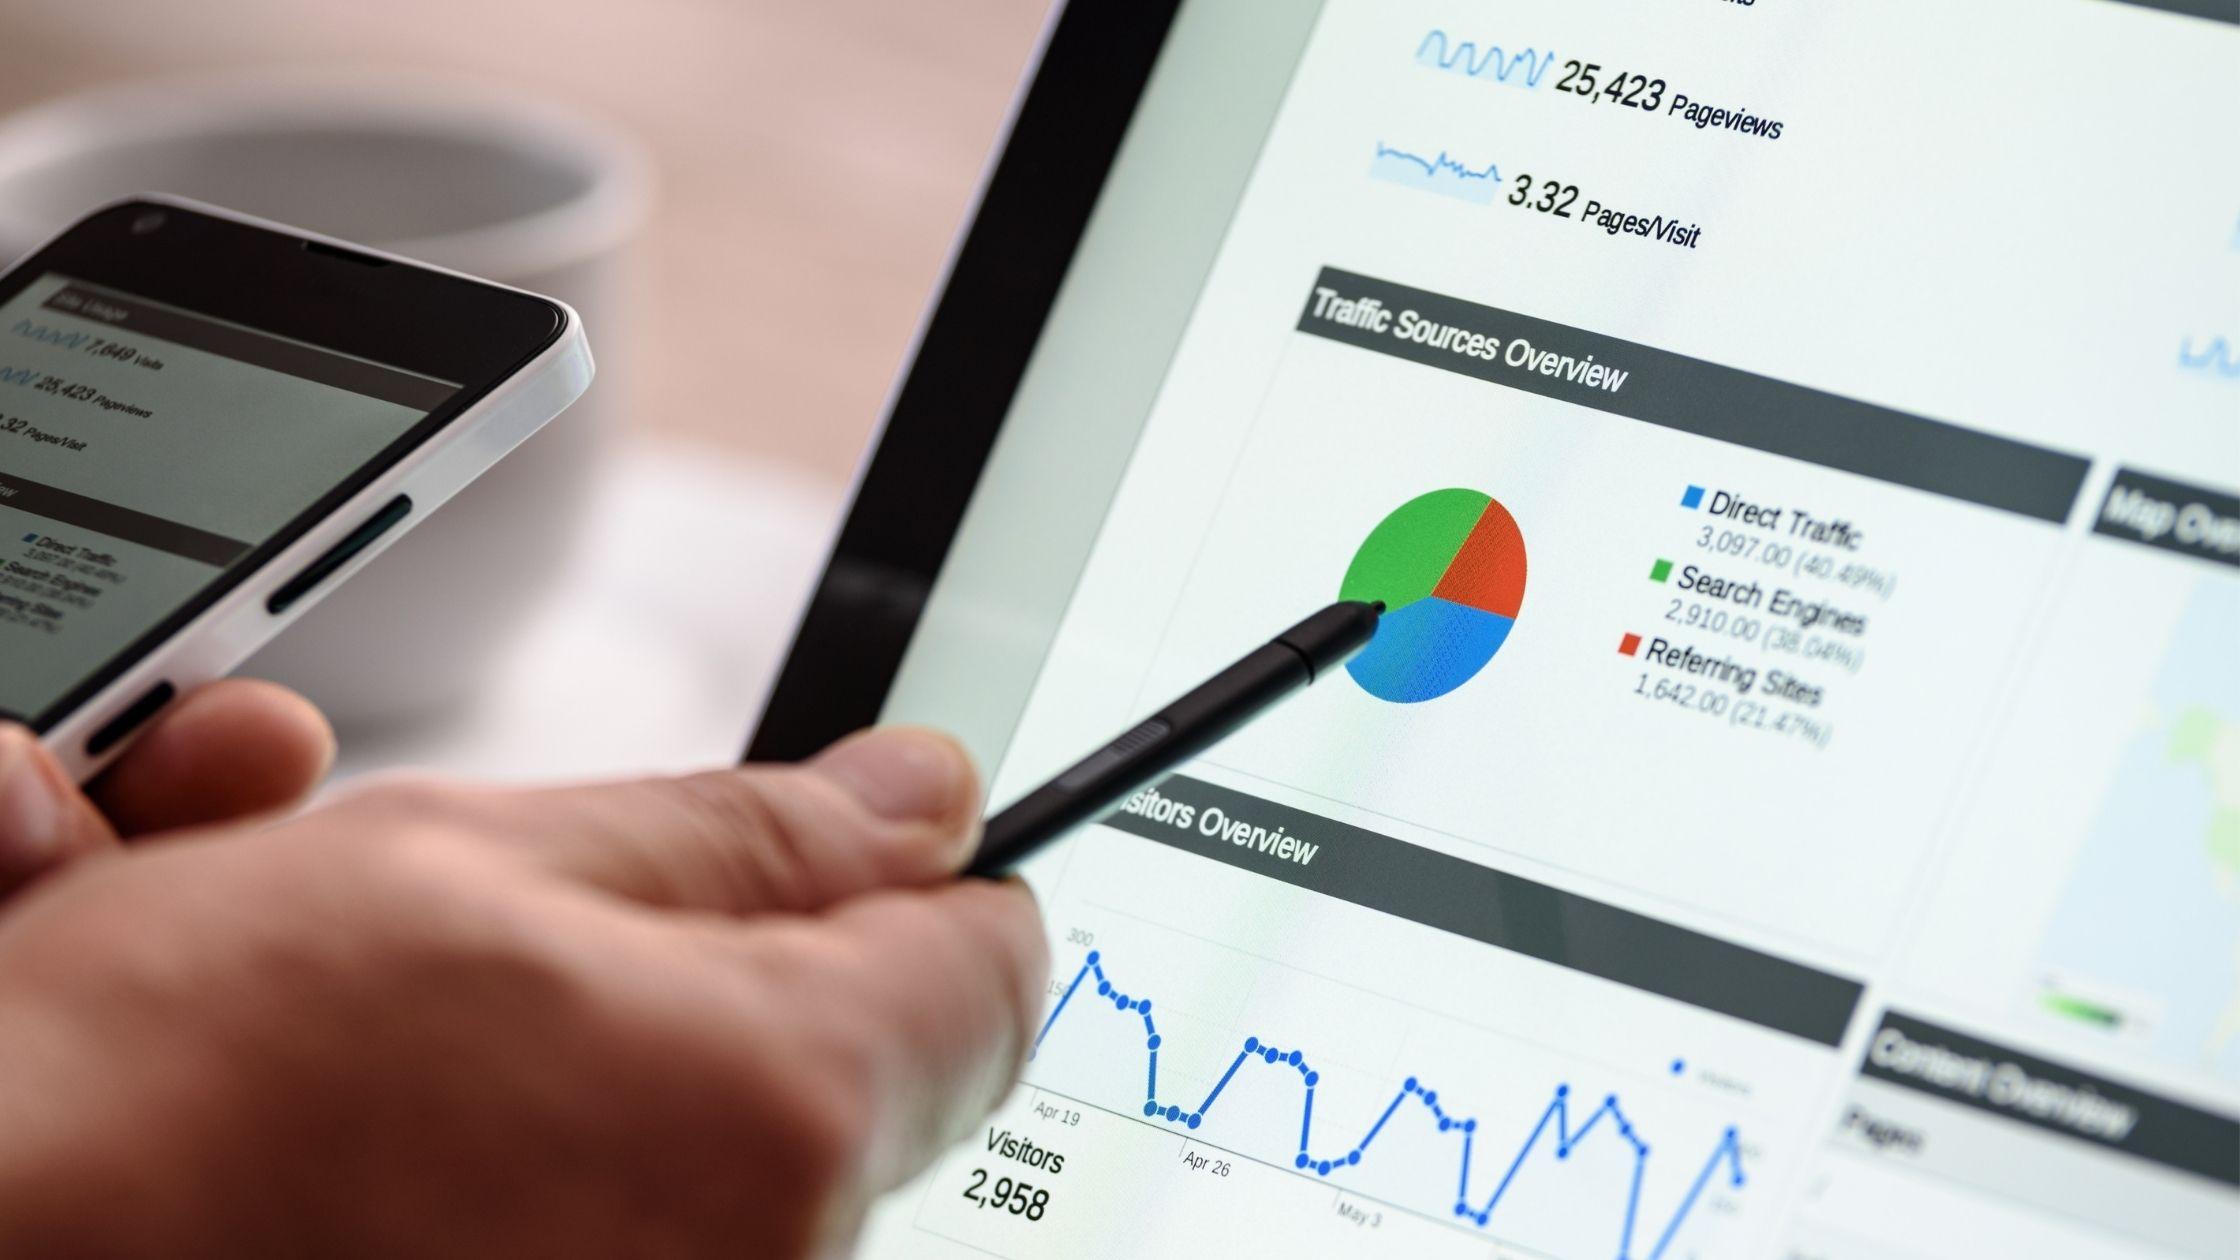 Comment obtenir un trafic ciblé vers votre site Web L'image montre une main tenant un téléphone portable avec du texte illisible à l'écran tandis que l'autre main tenant un stylo de présentation noir pointant vers l'écran de l'ordinateur affichant des textes commerciaux, des graphiques et des tableaux.